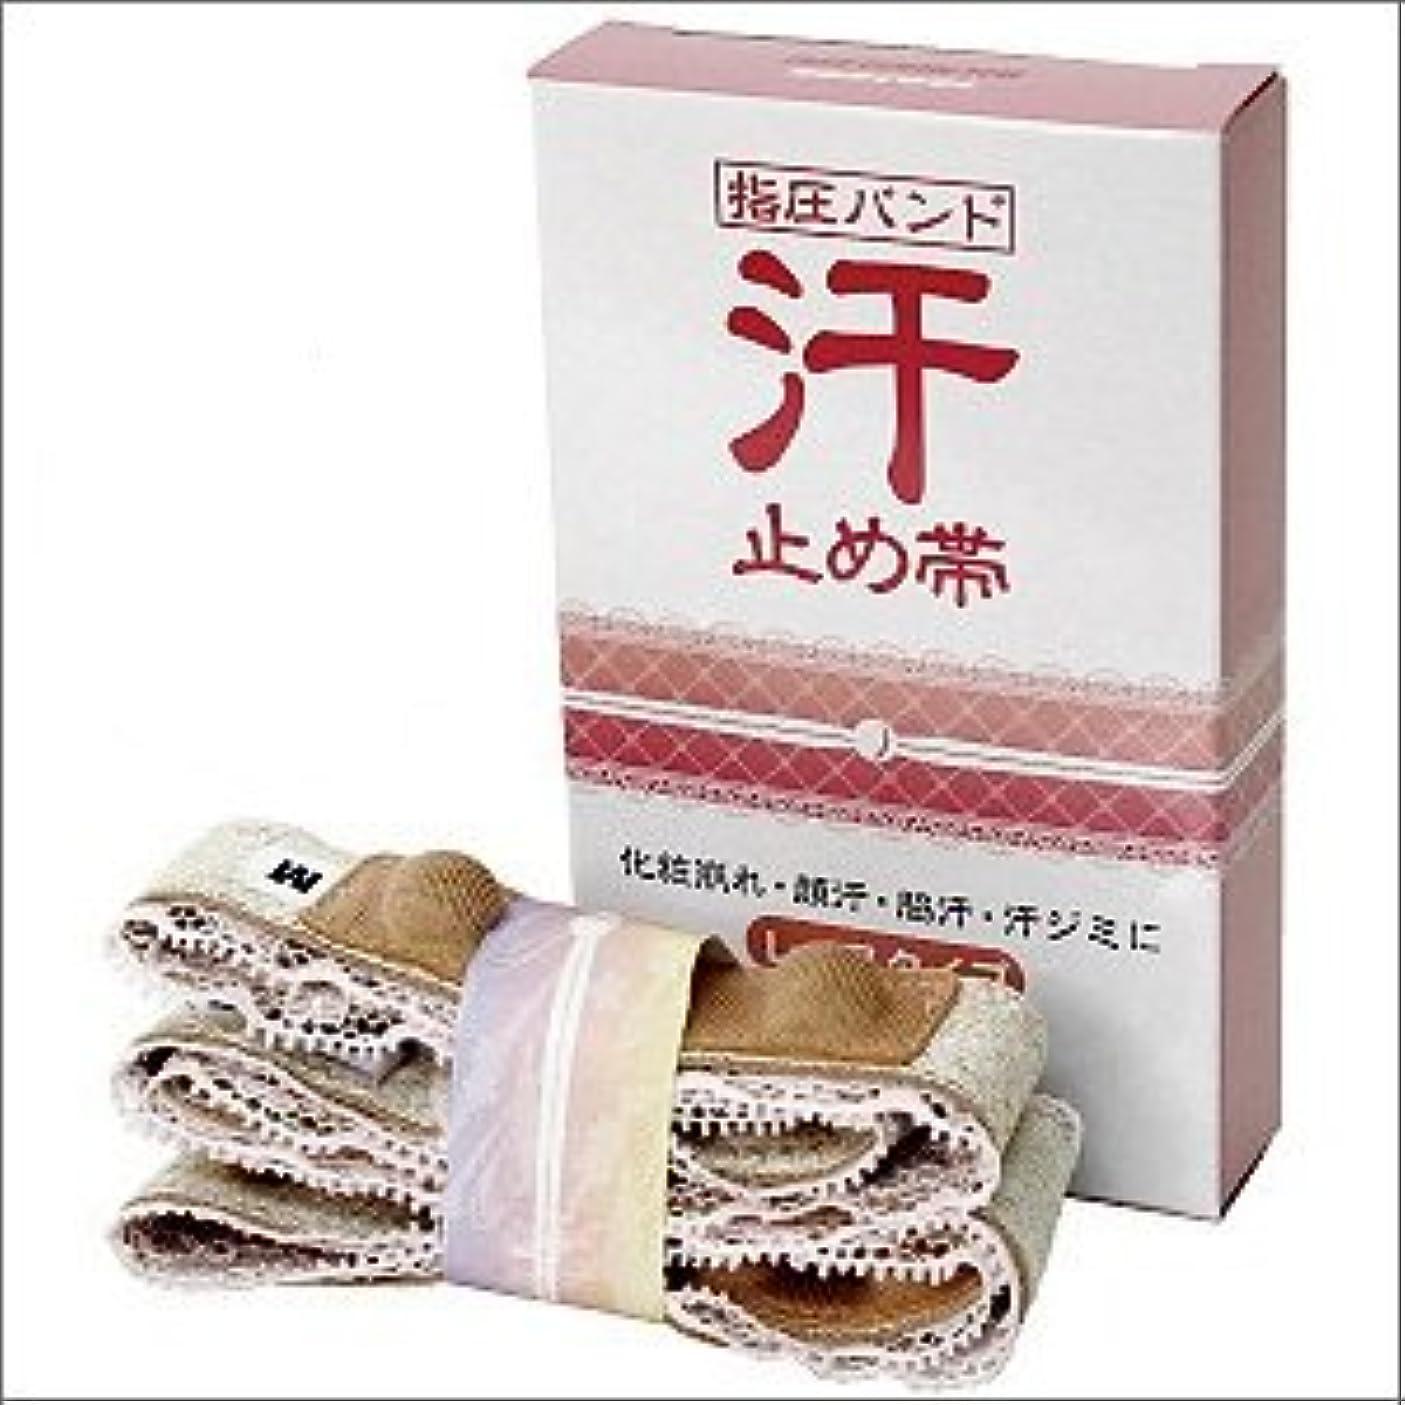 形状フェリーパンサー汗止め帯 レースタイプ (M(850~950mm), ピンク)